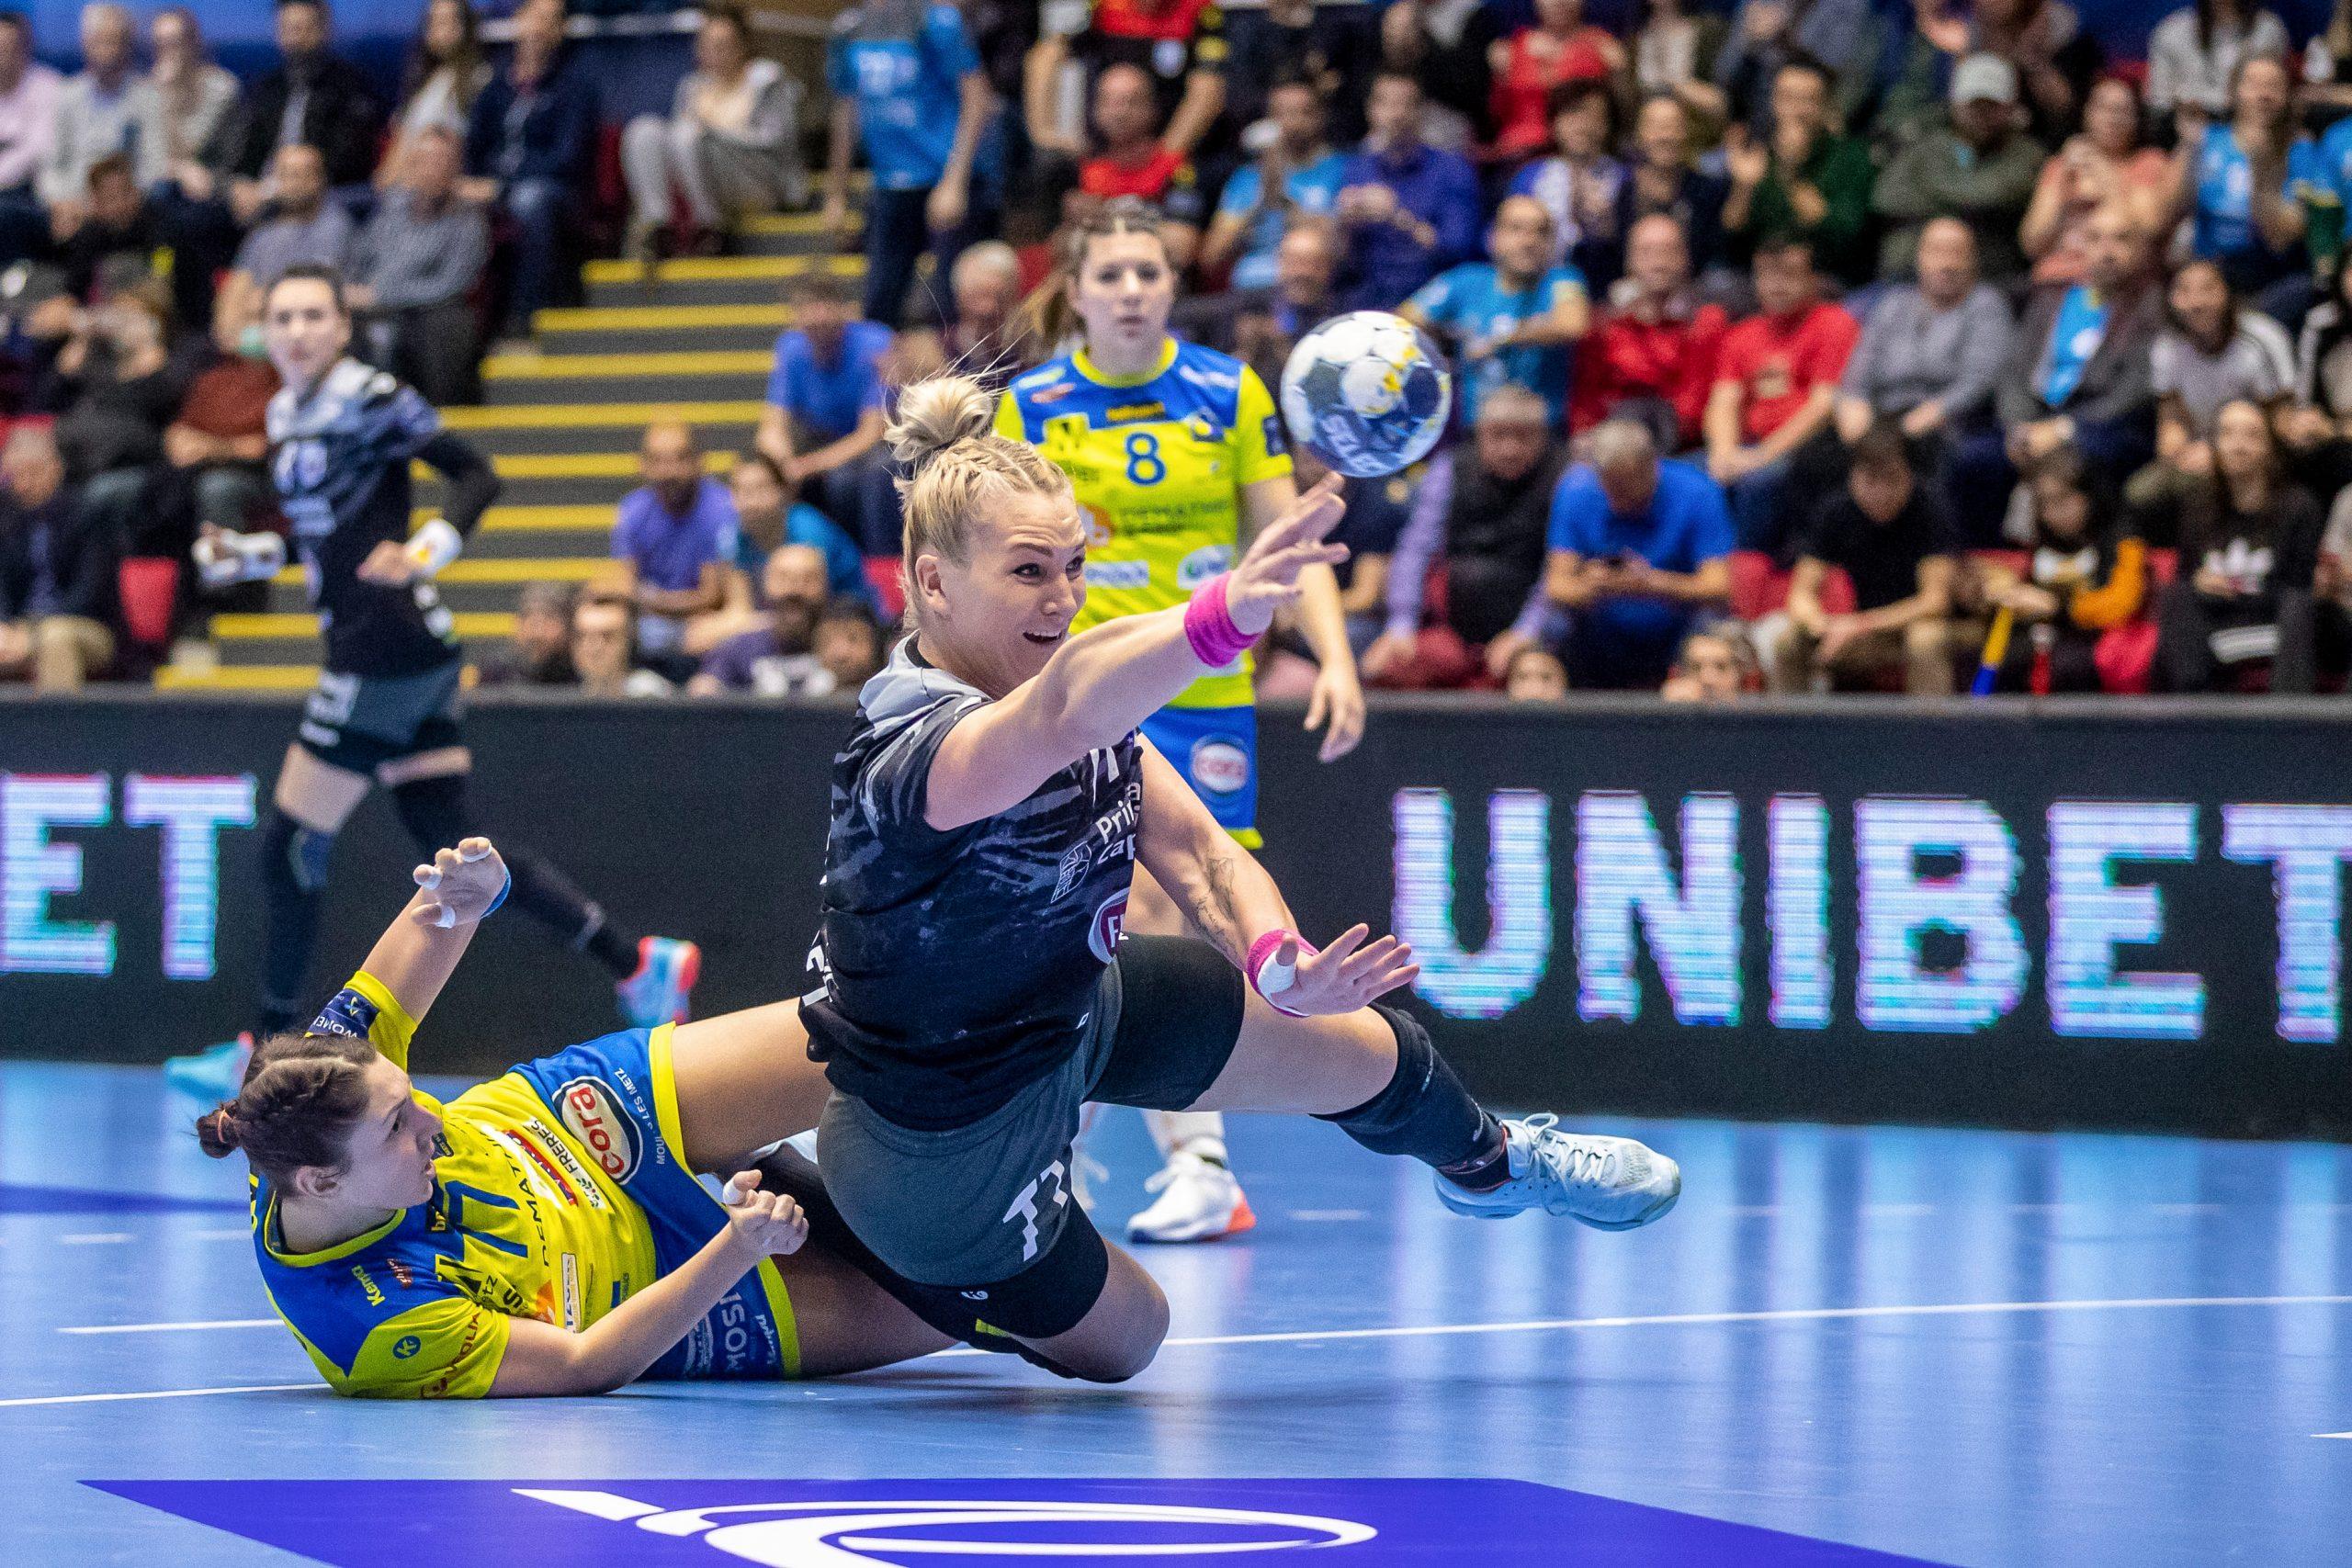 Handbal Champions League - CSM Bucuresti - Metz duel spectaculos minge aruncare INQUAM Bogdan ioan Buda